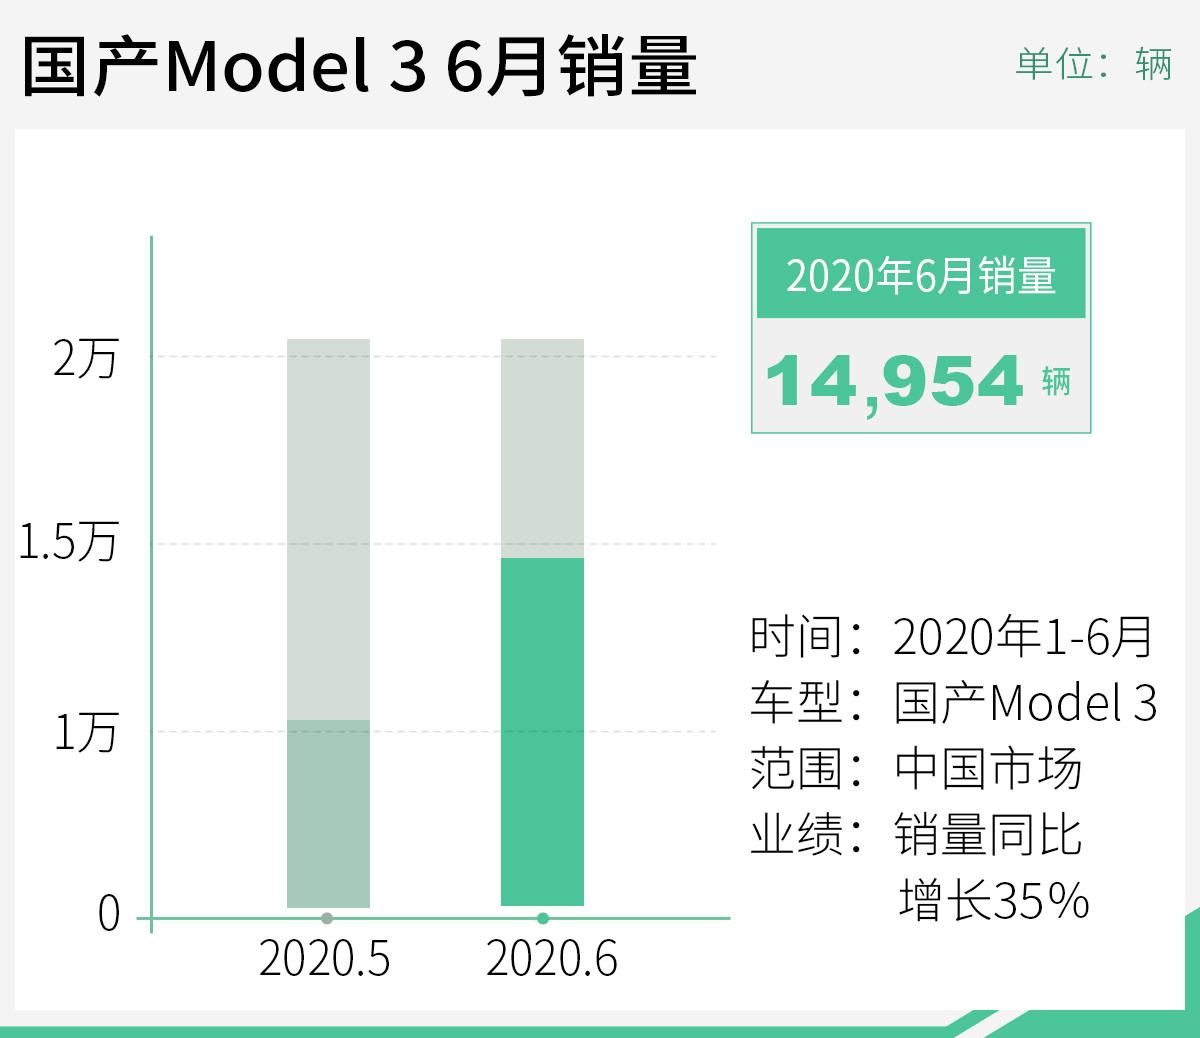 国产Model 3问鼎上半年销冠 占新能源汽车总销量14.6%